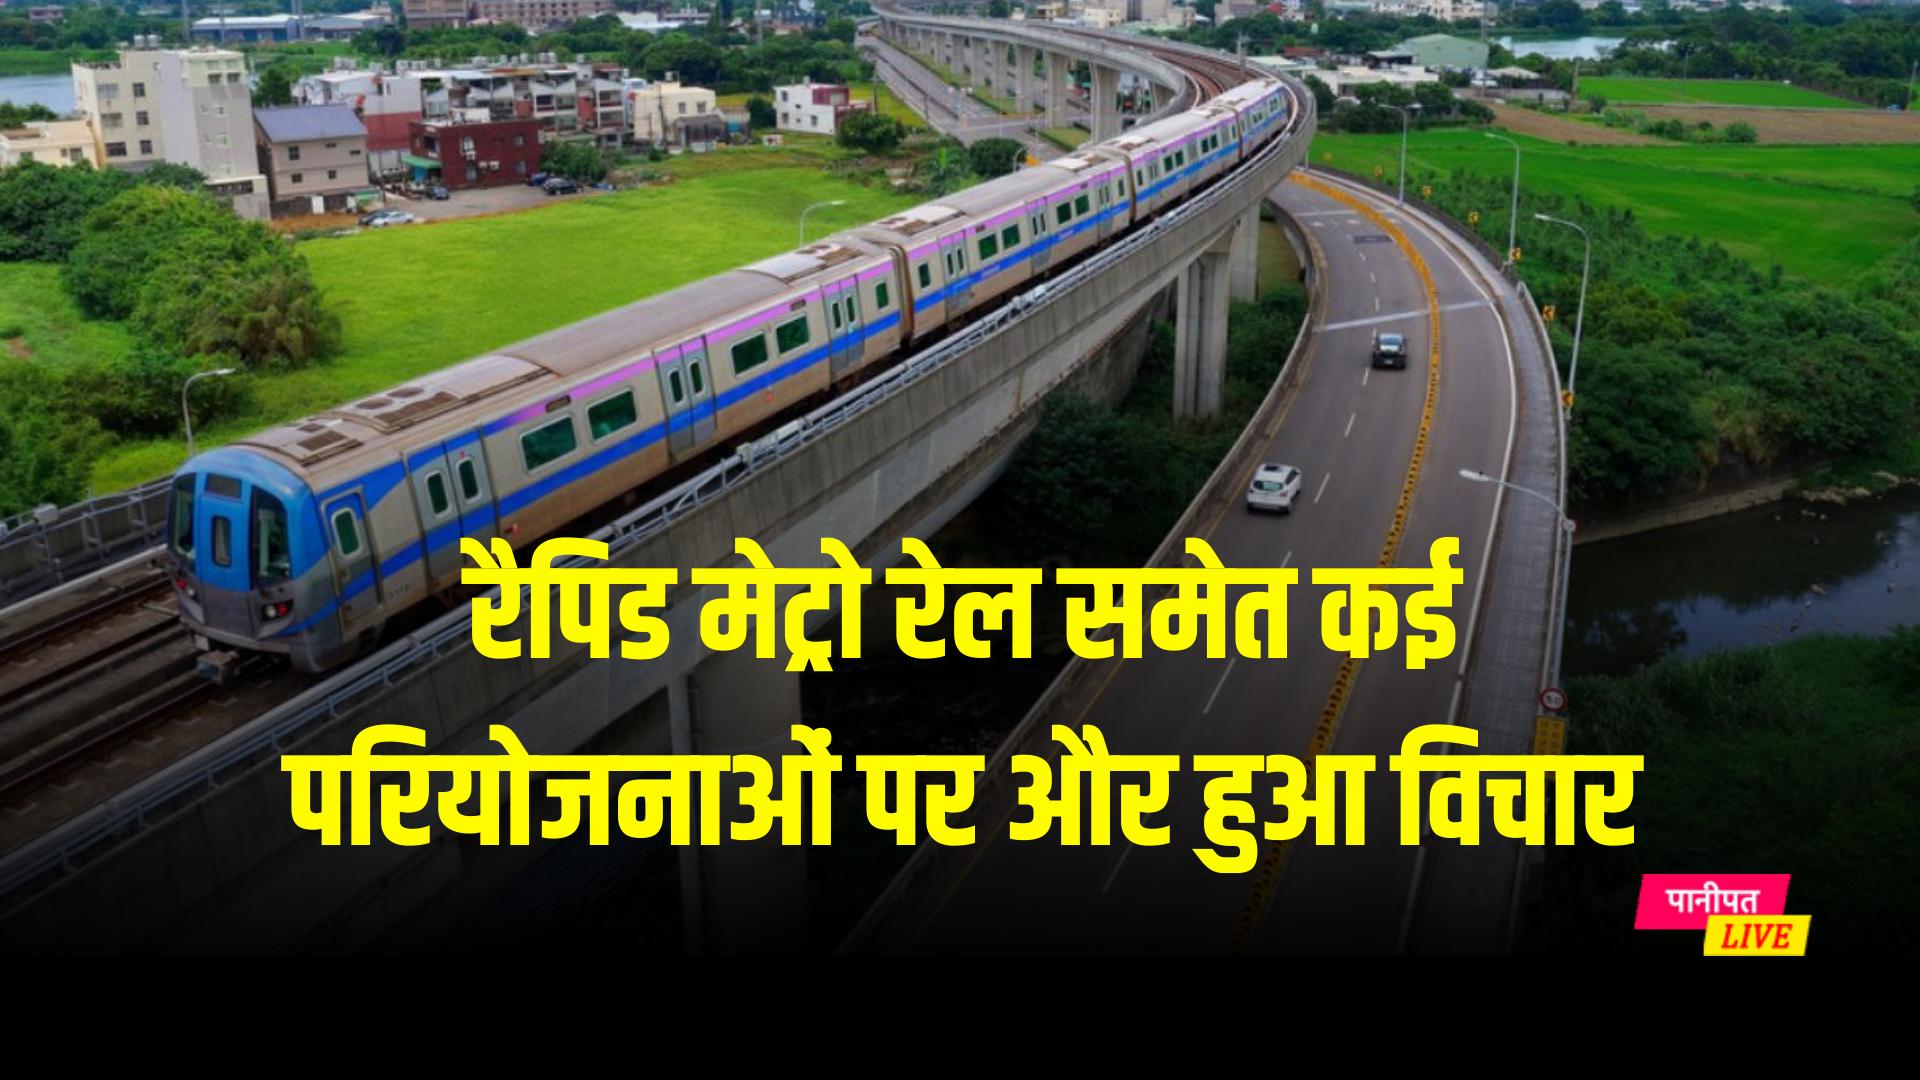 खट्टर सरकार ने दिल्लीपानीपतकरनाल रैपिड मेट्रो रेल पर काम में तेज़ी शुरू